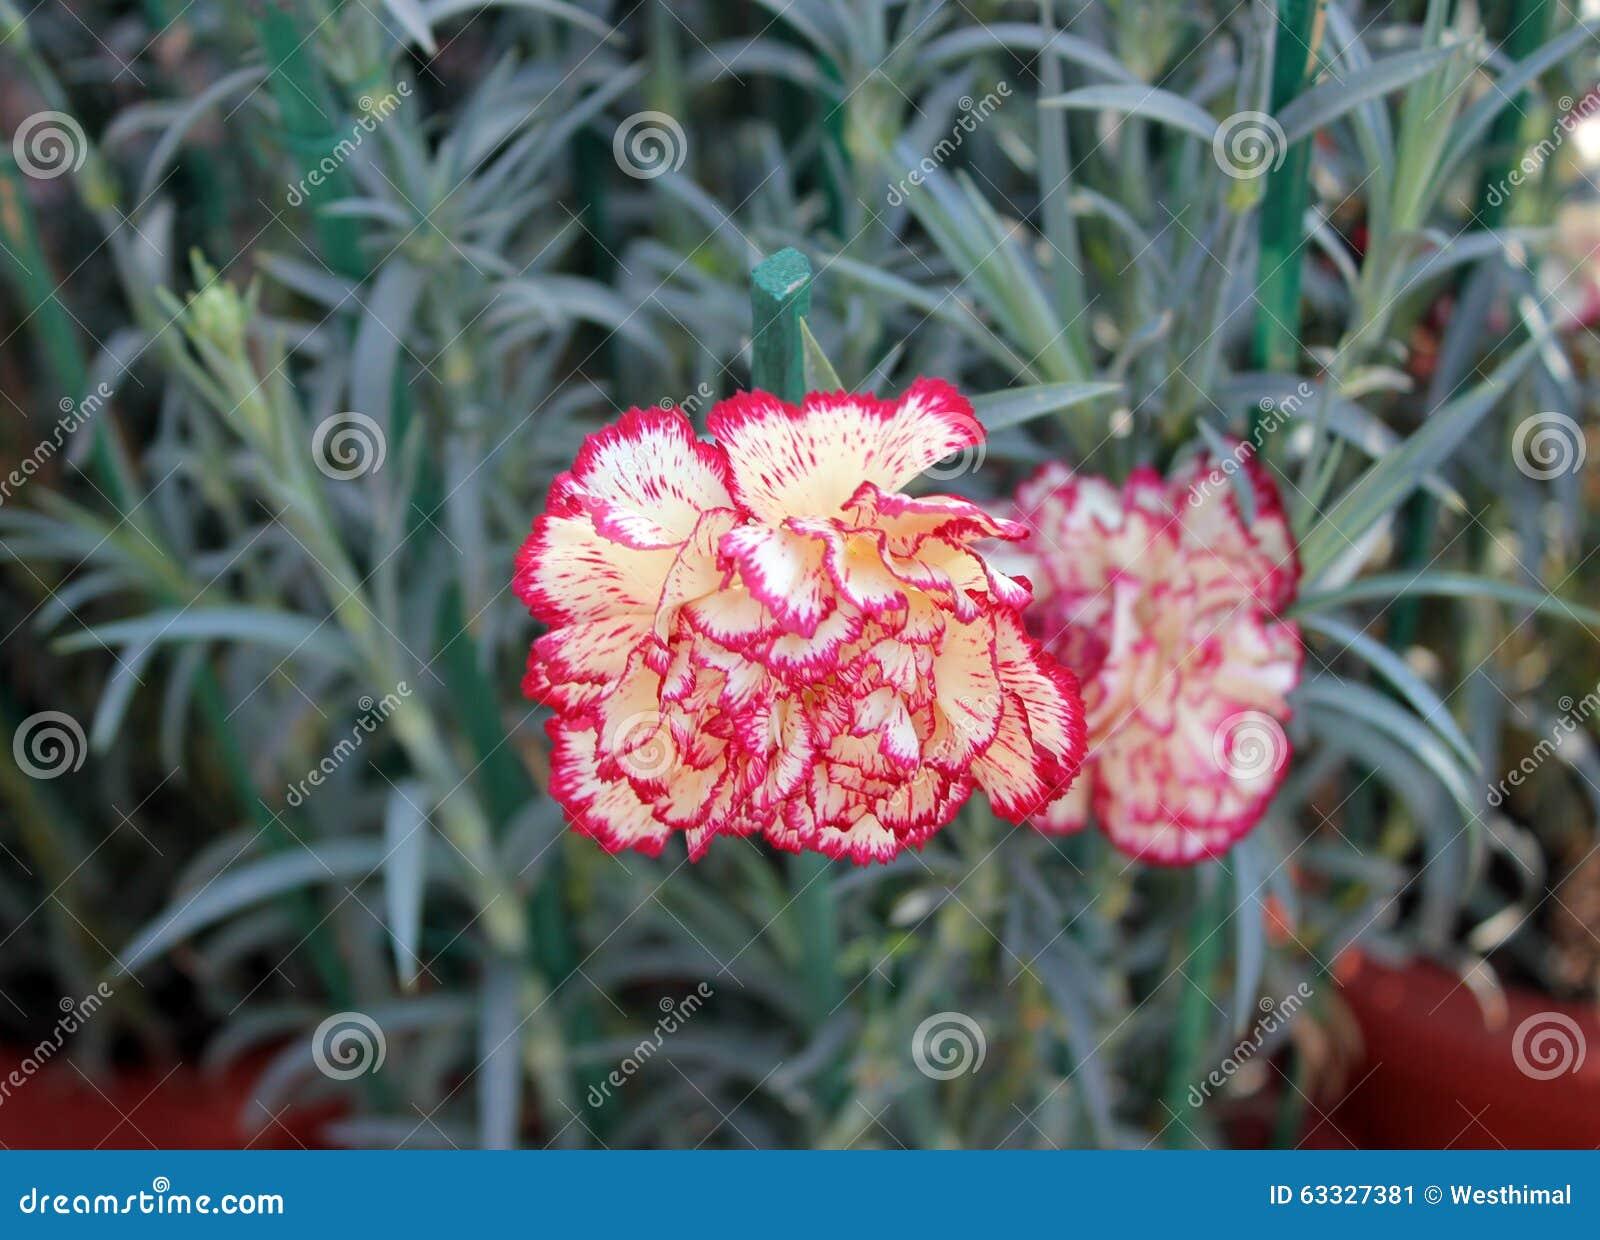 O caryophyllus do cravo-da-índia, pica o cravo afiado